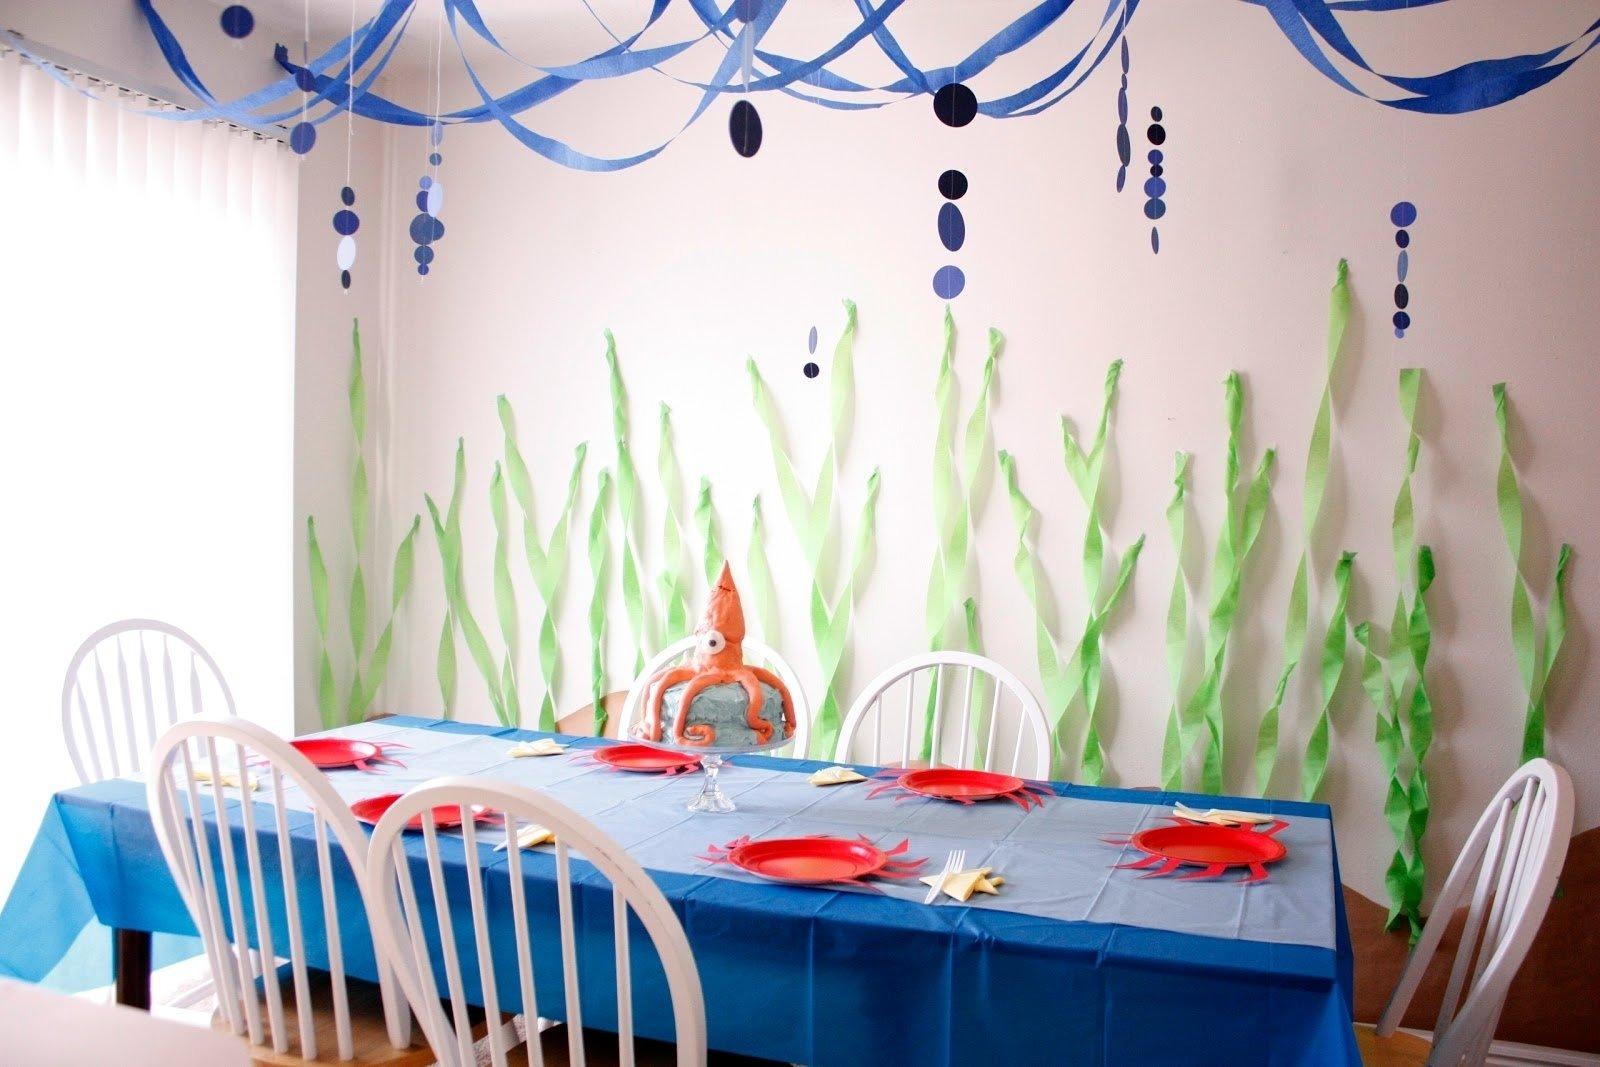 10 Stunning Under The Sea Birthday Party Ideas under the sea birthday party part two 2021